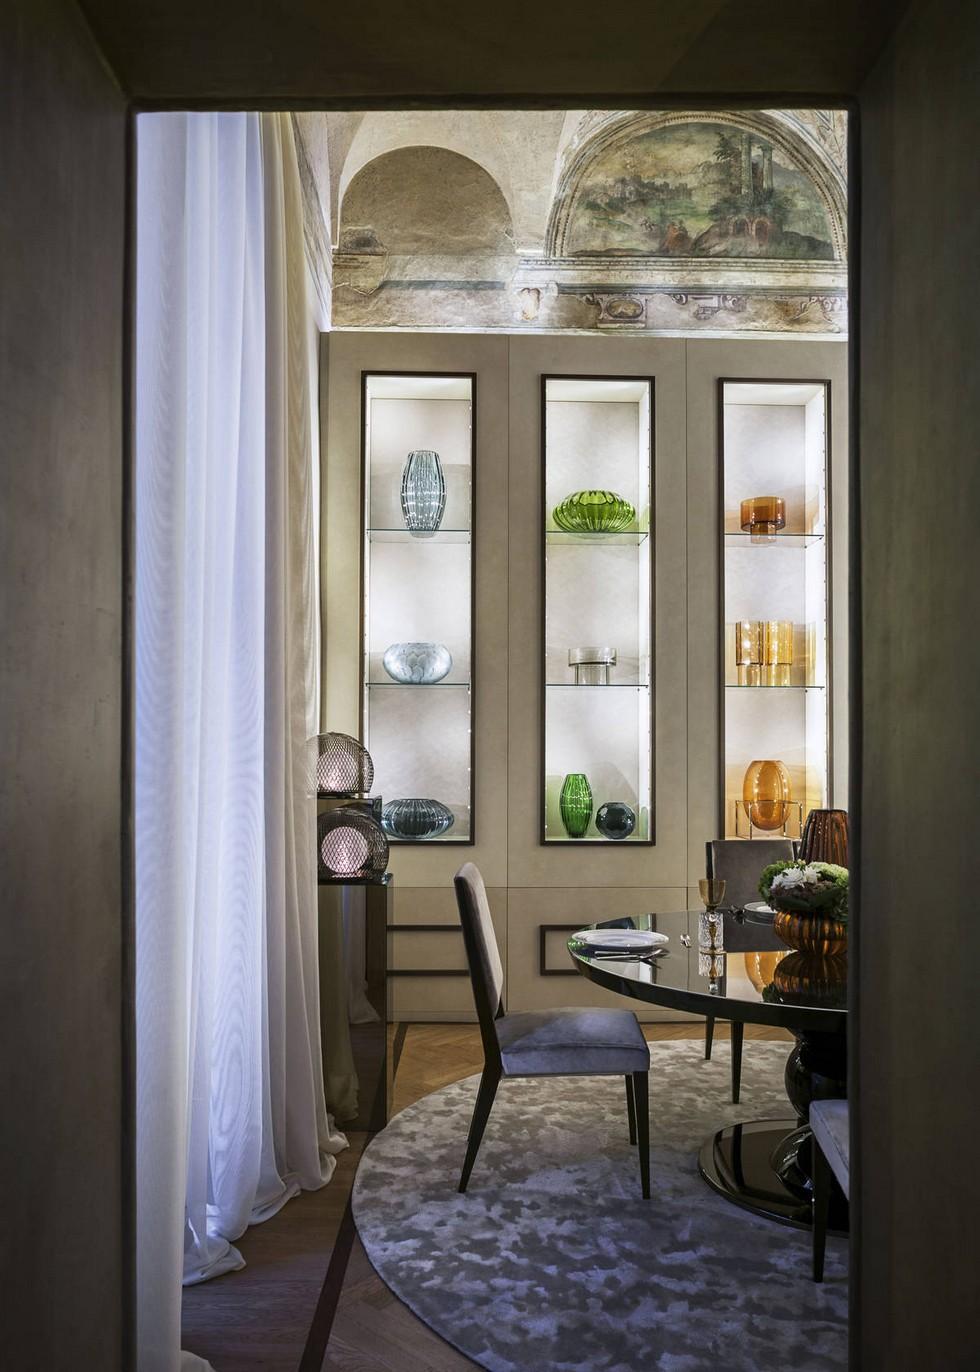 Fendi Casa dining room idea Milan design stores Milan design stores – first Fendi Casa flagship store Fendi Casa flagship store 4